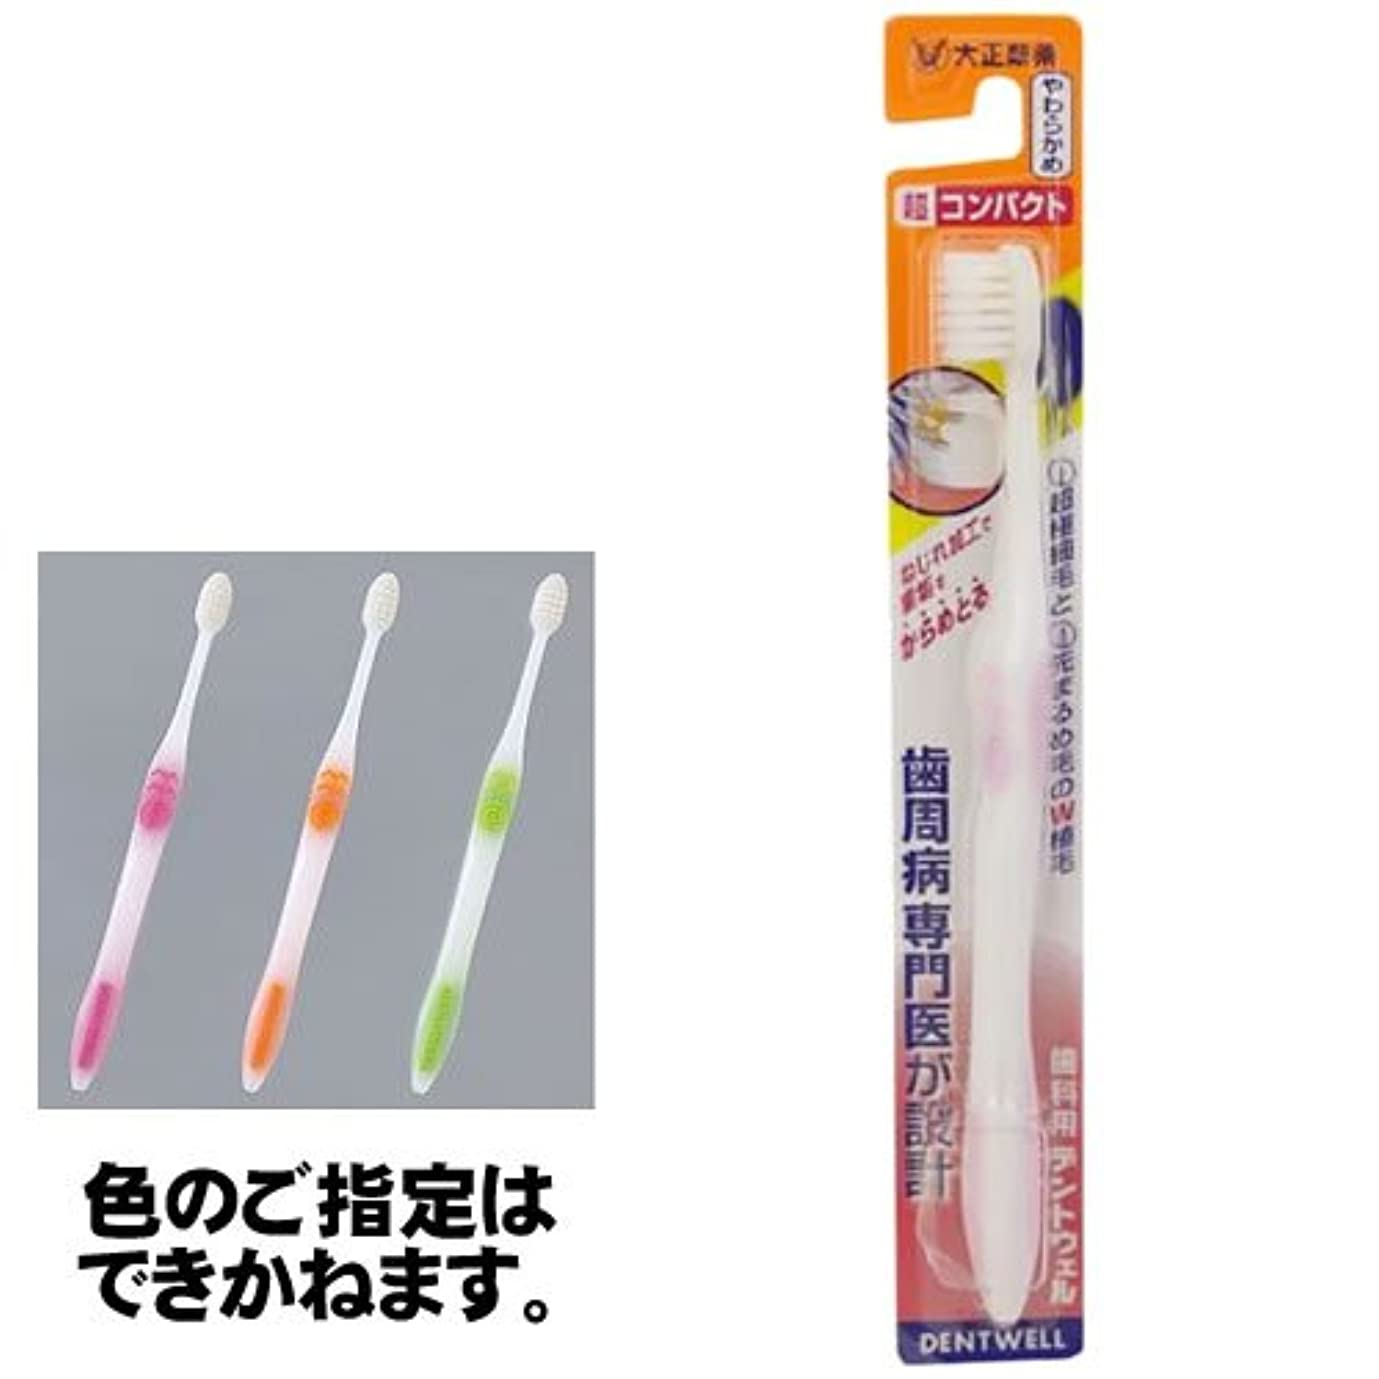 満了フェリー検出器〔大正製薬〕歯科用デントウェル歯ブラシ 超コンパクト やわらかめ×12個セット